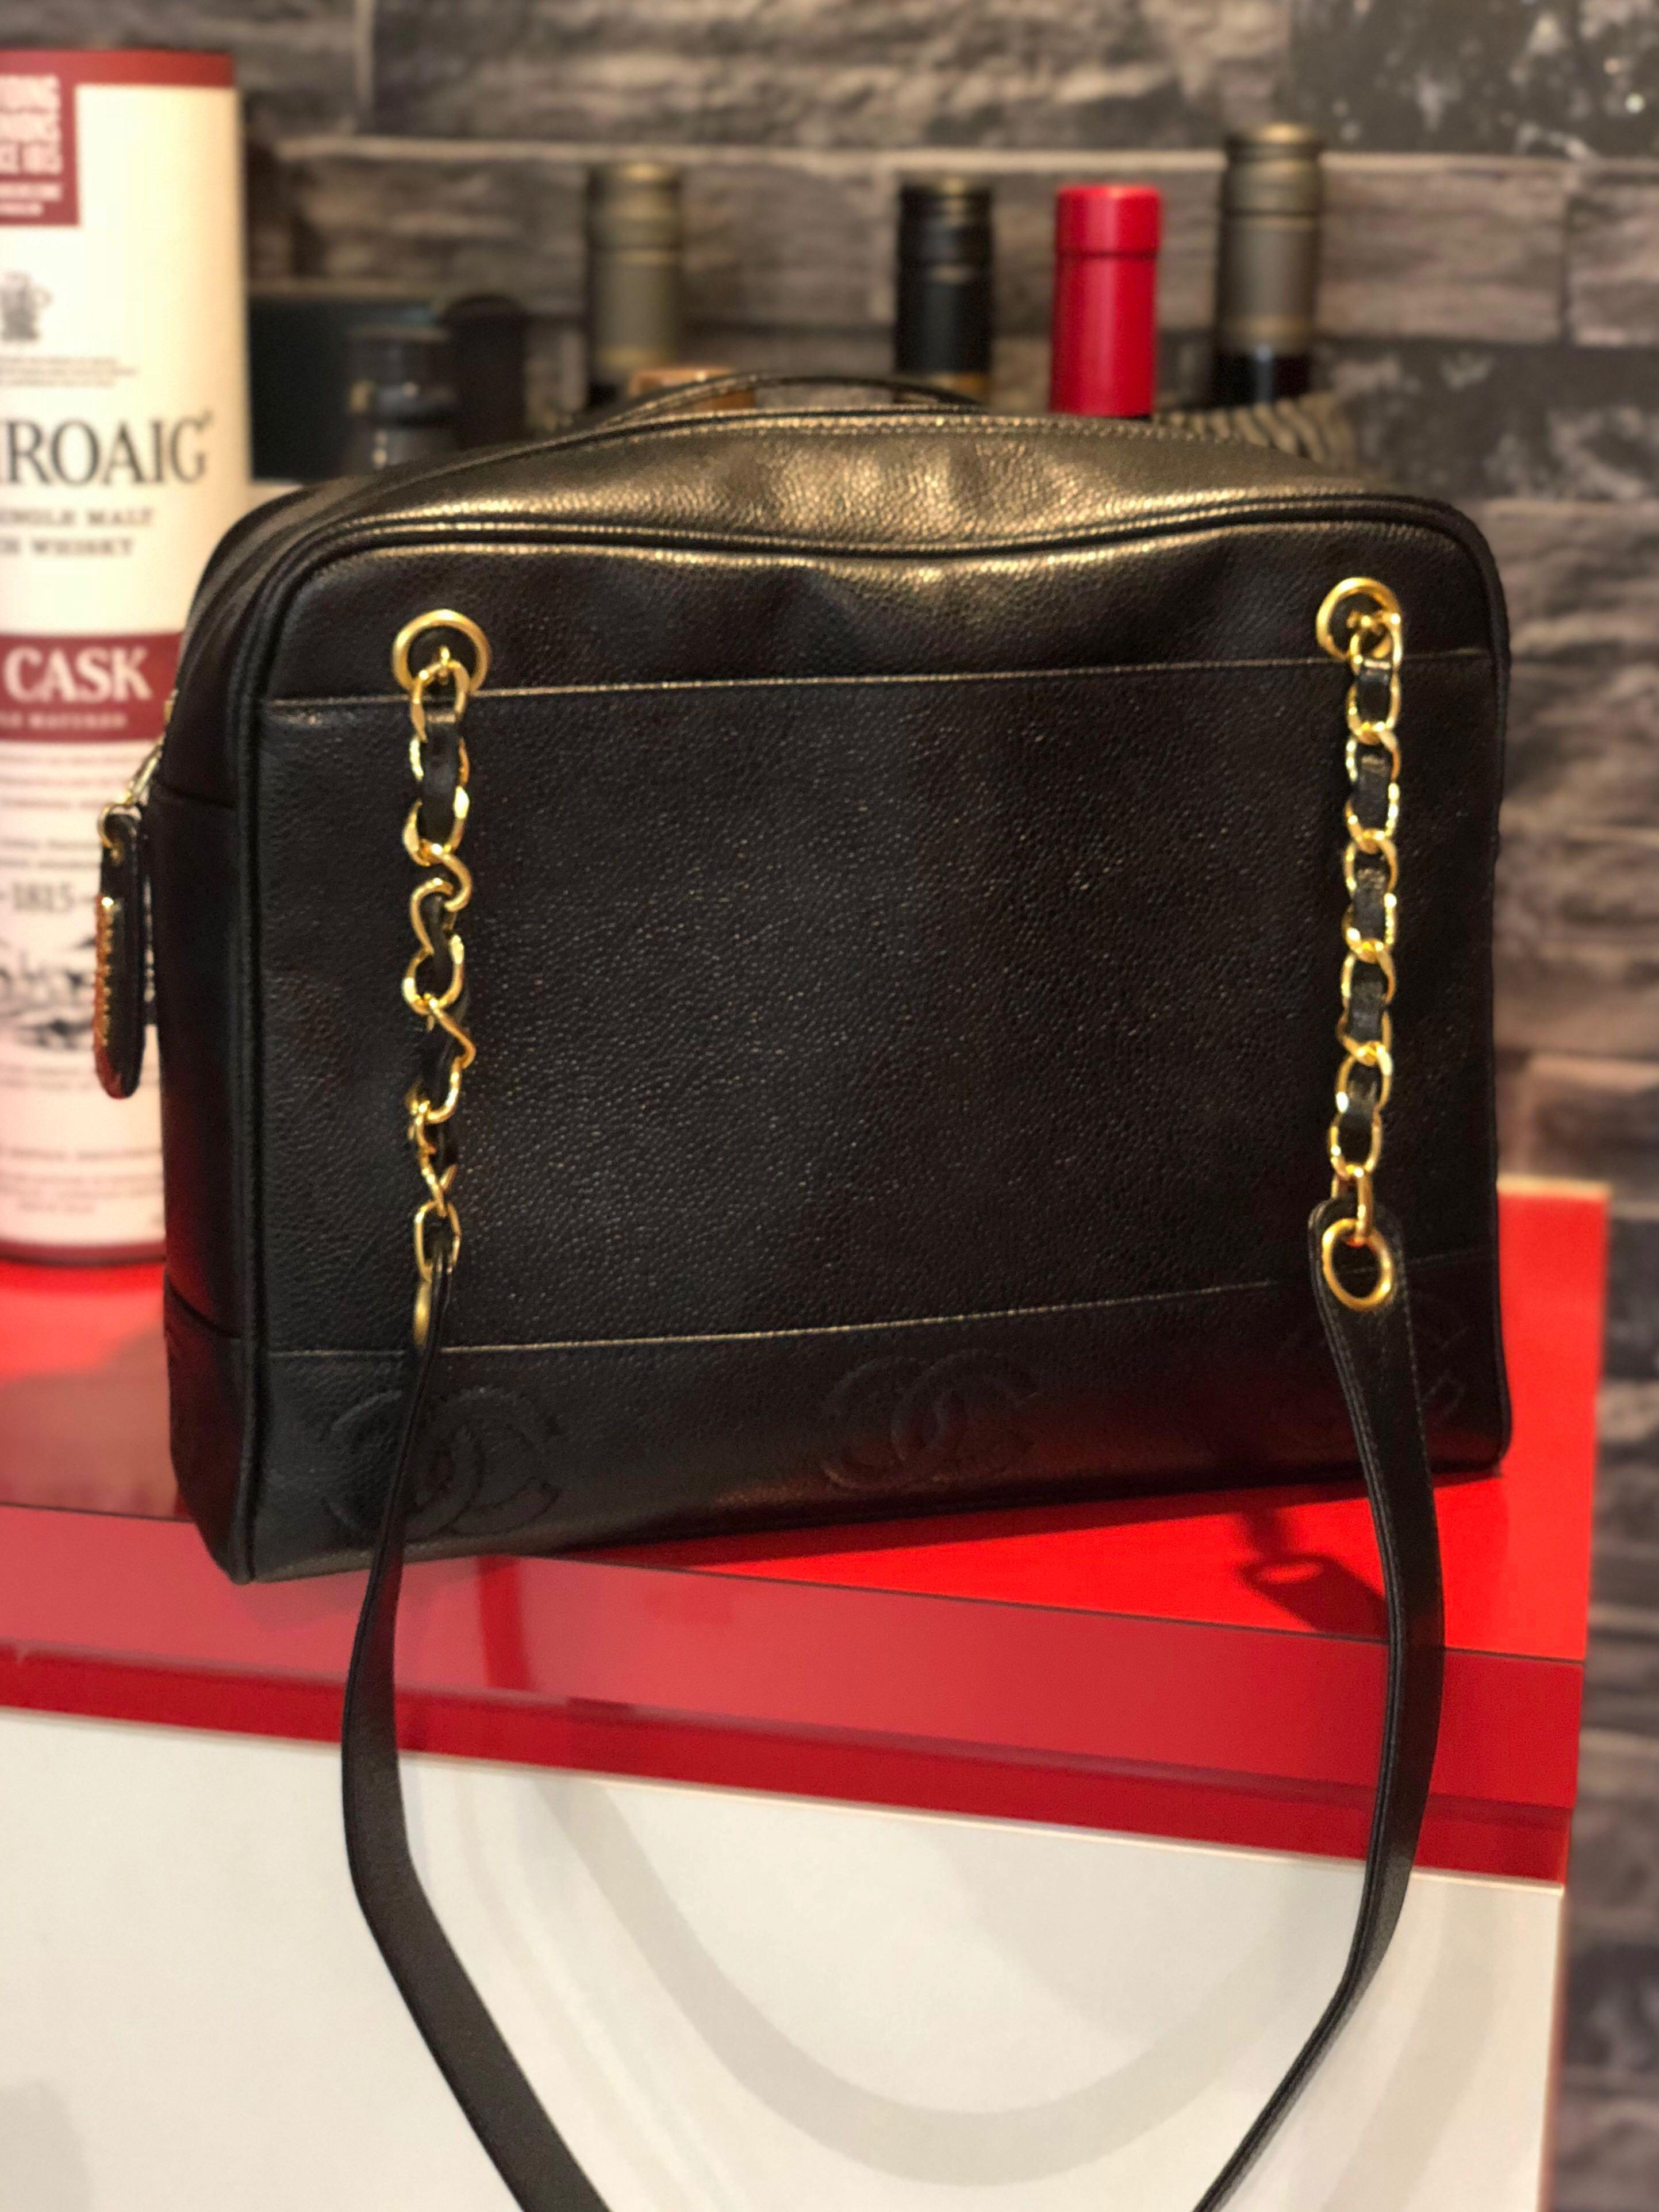 d0b96da29a64 Chanel Vintage Caviar Tote